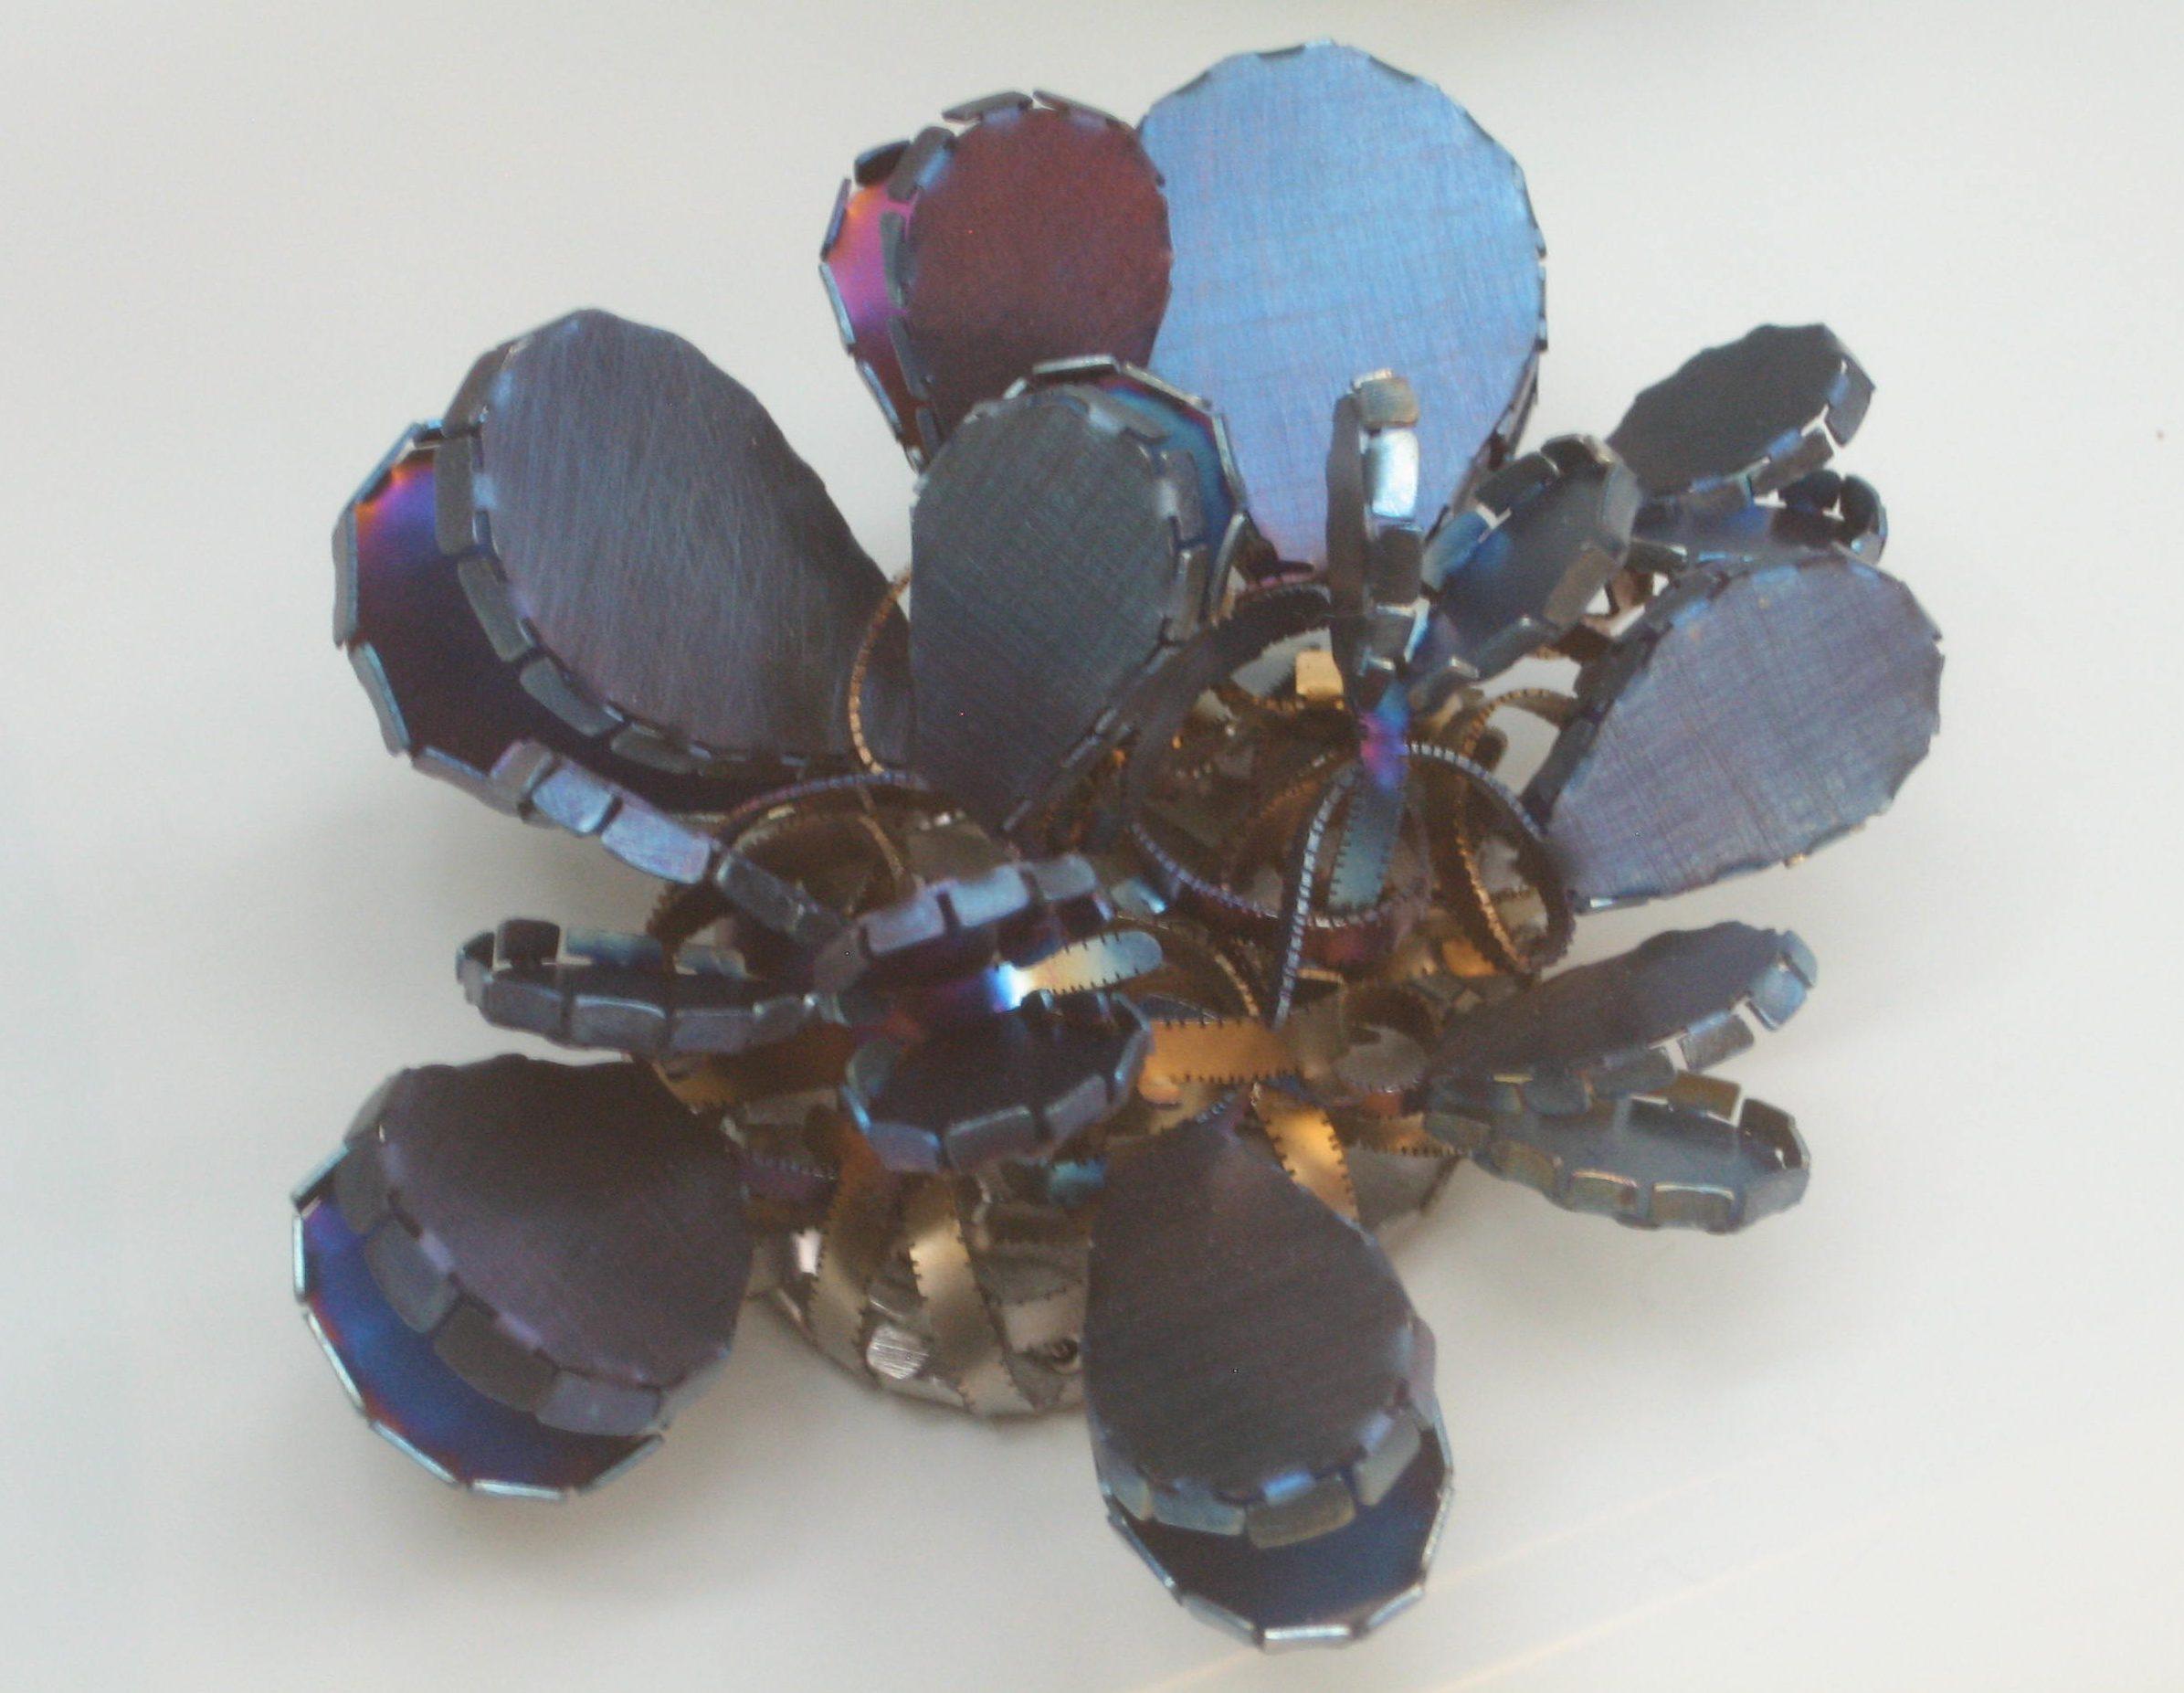 Mirjam Hiller, Catopsia 1, broche, 2009. Collectie Grassimuseum, metaal, coating